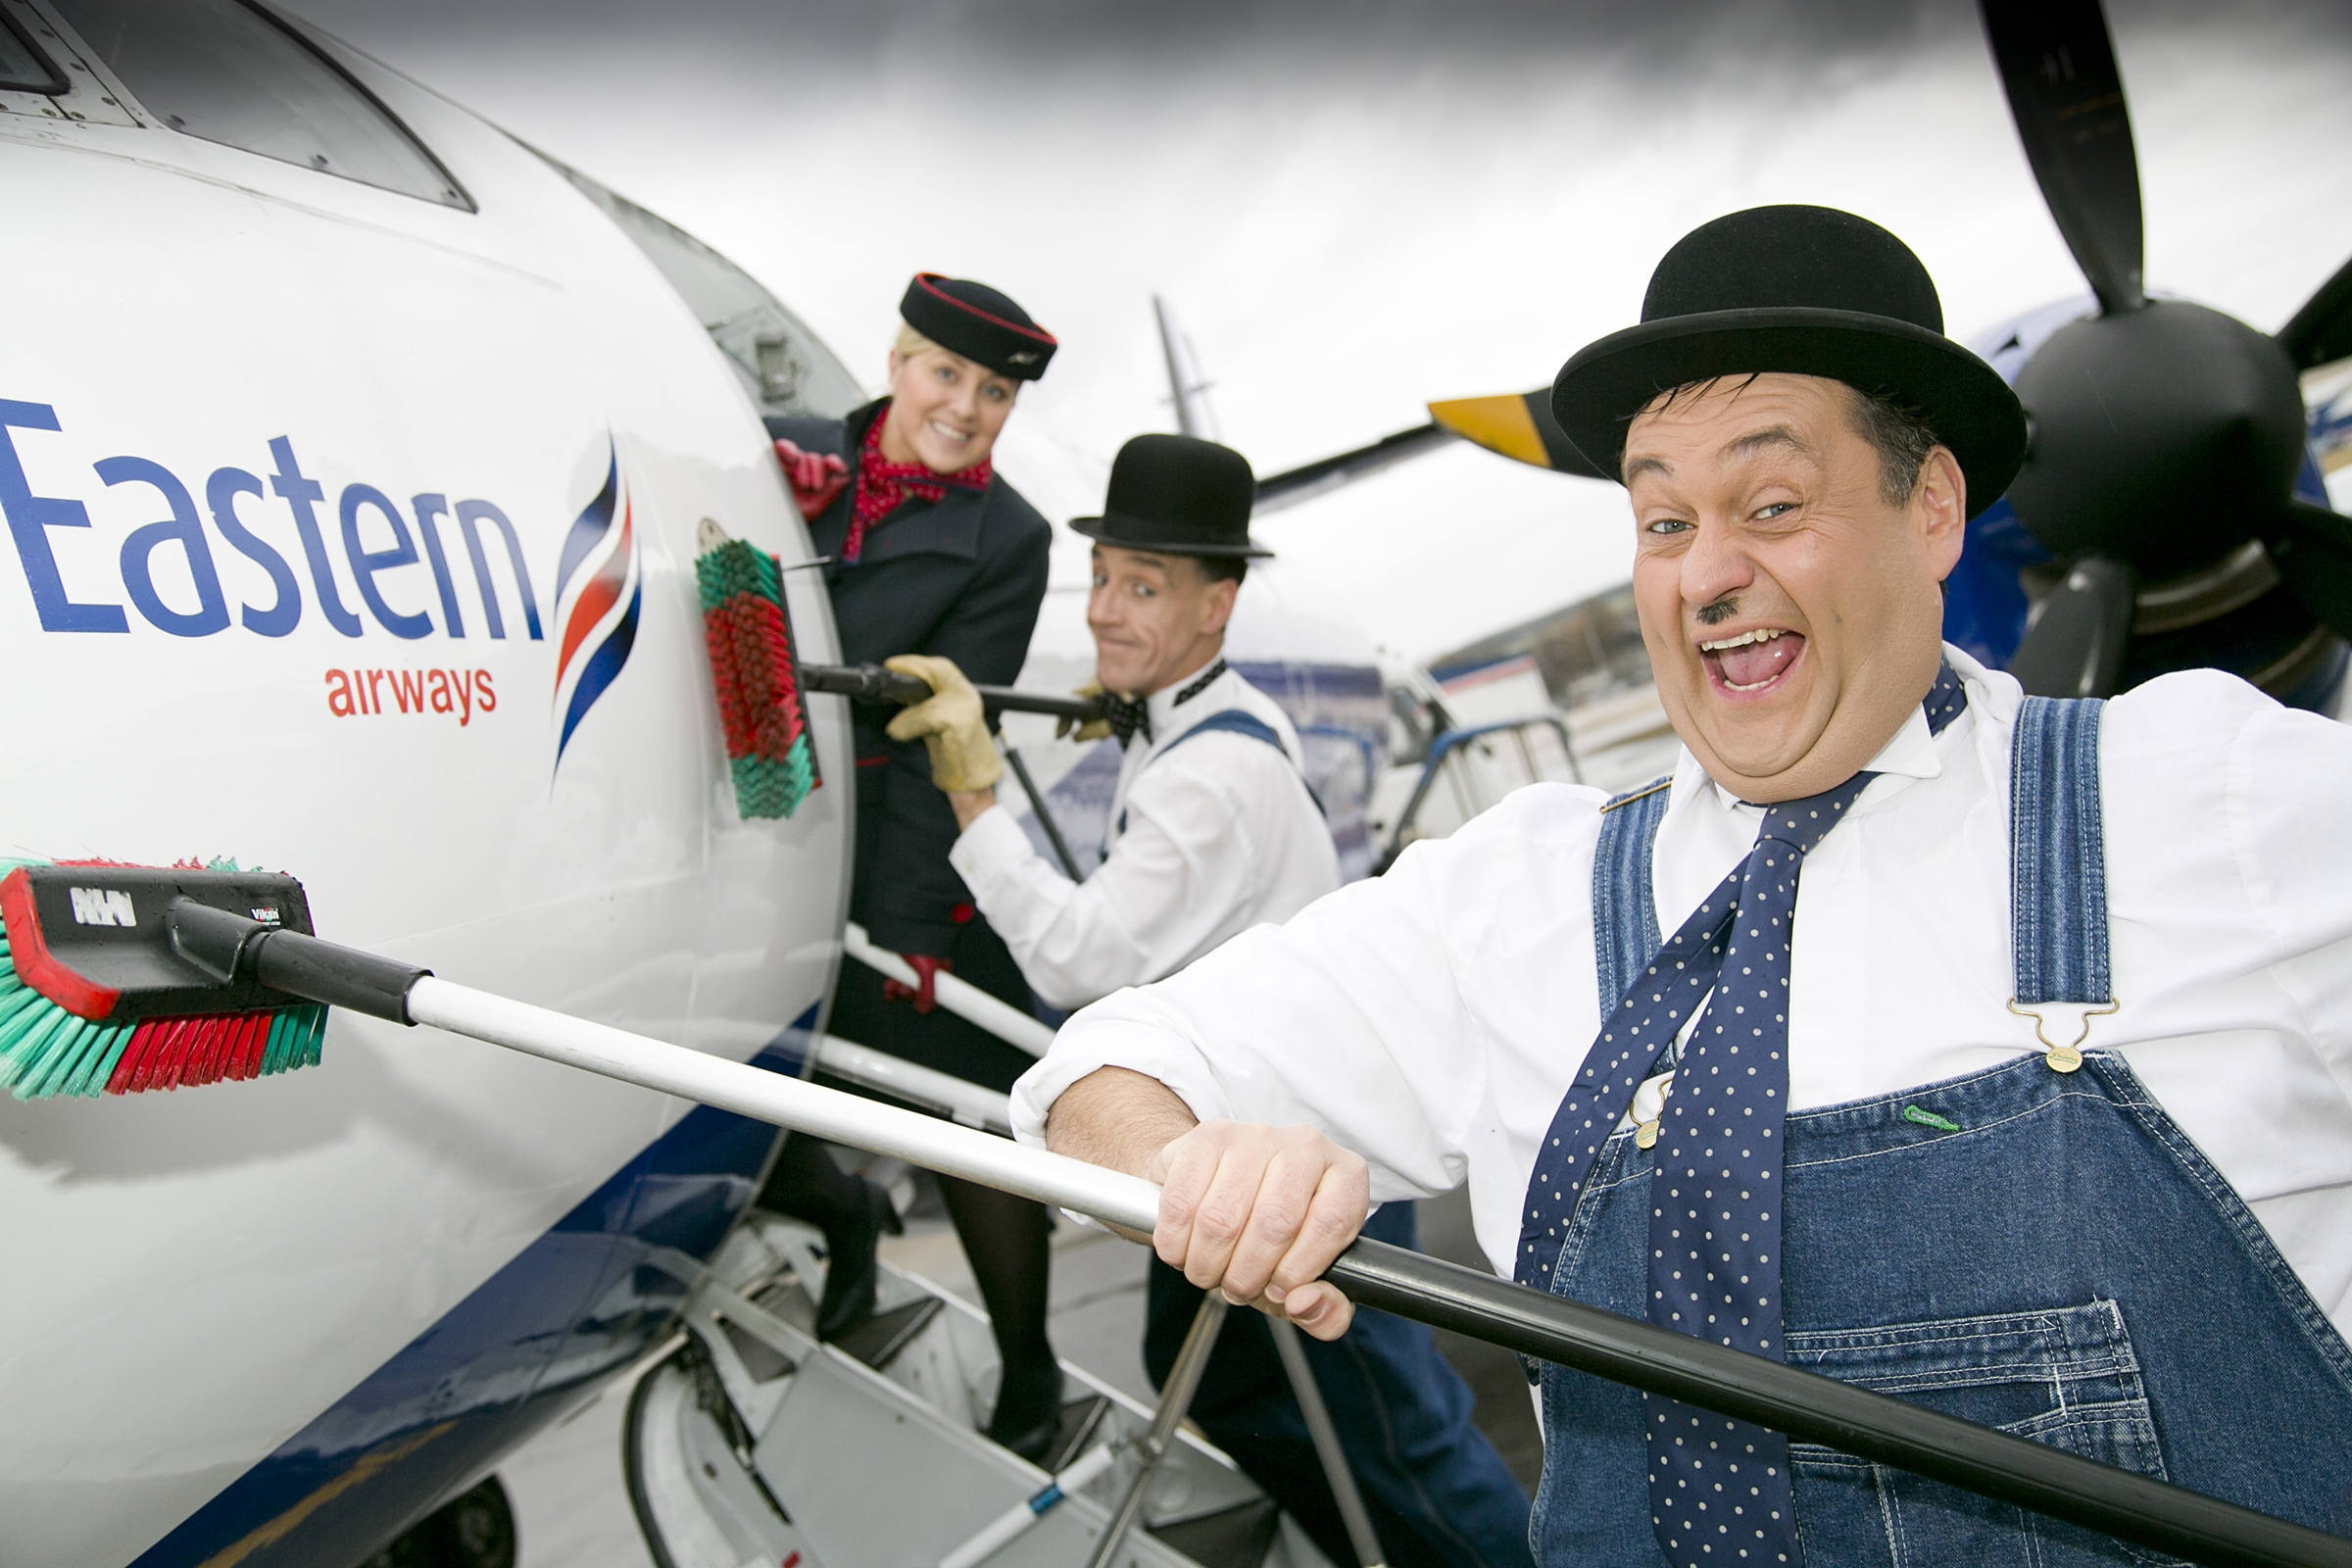 HAUREL AND LARDY ENTERTAIN EASTERN AIRWAYS PASSENGERS